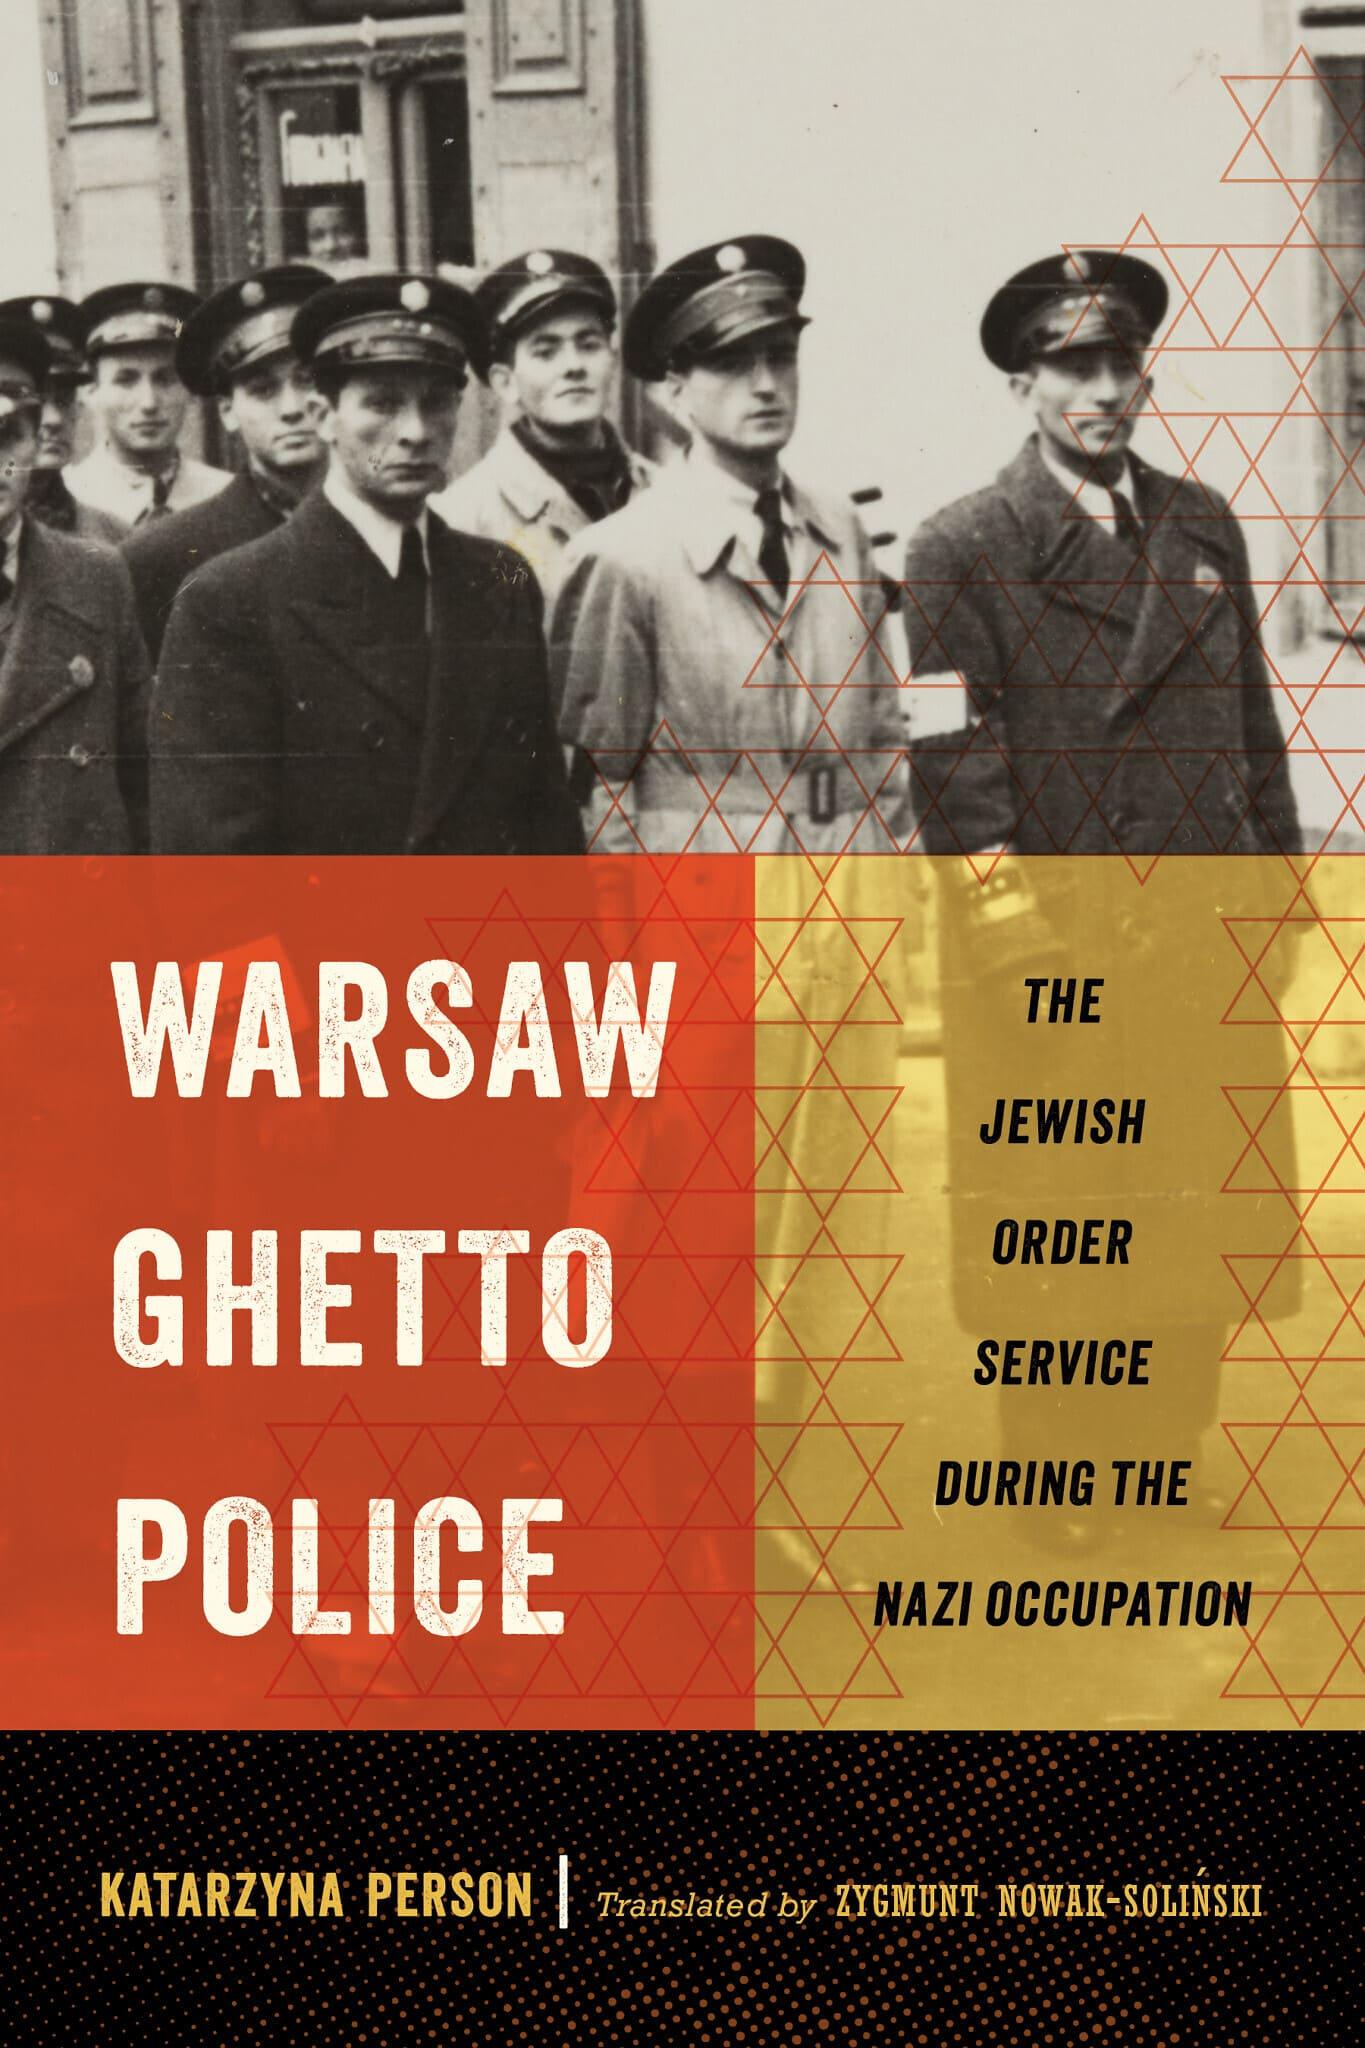 """כריכת ספרה של קתרינה פרסון, """"משטרת גטו ורשה: שירות הסדר היהודי בתקופת הכיבוש הנאצי"""" (צילום: באדיבות ההוצאה לאור של אוניברסיטת קורנל)"""